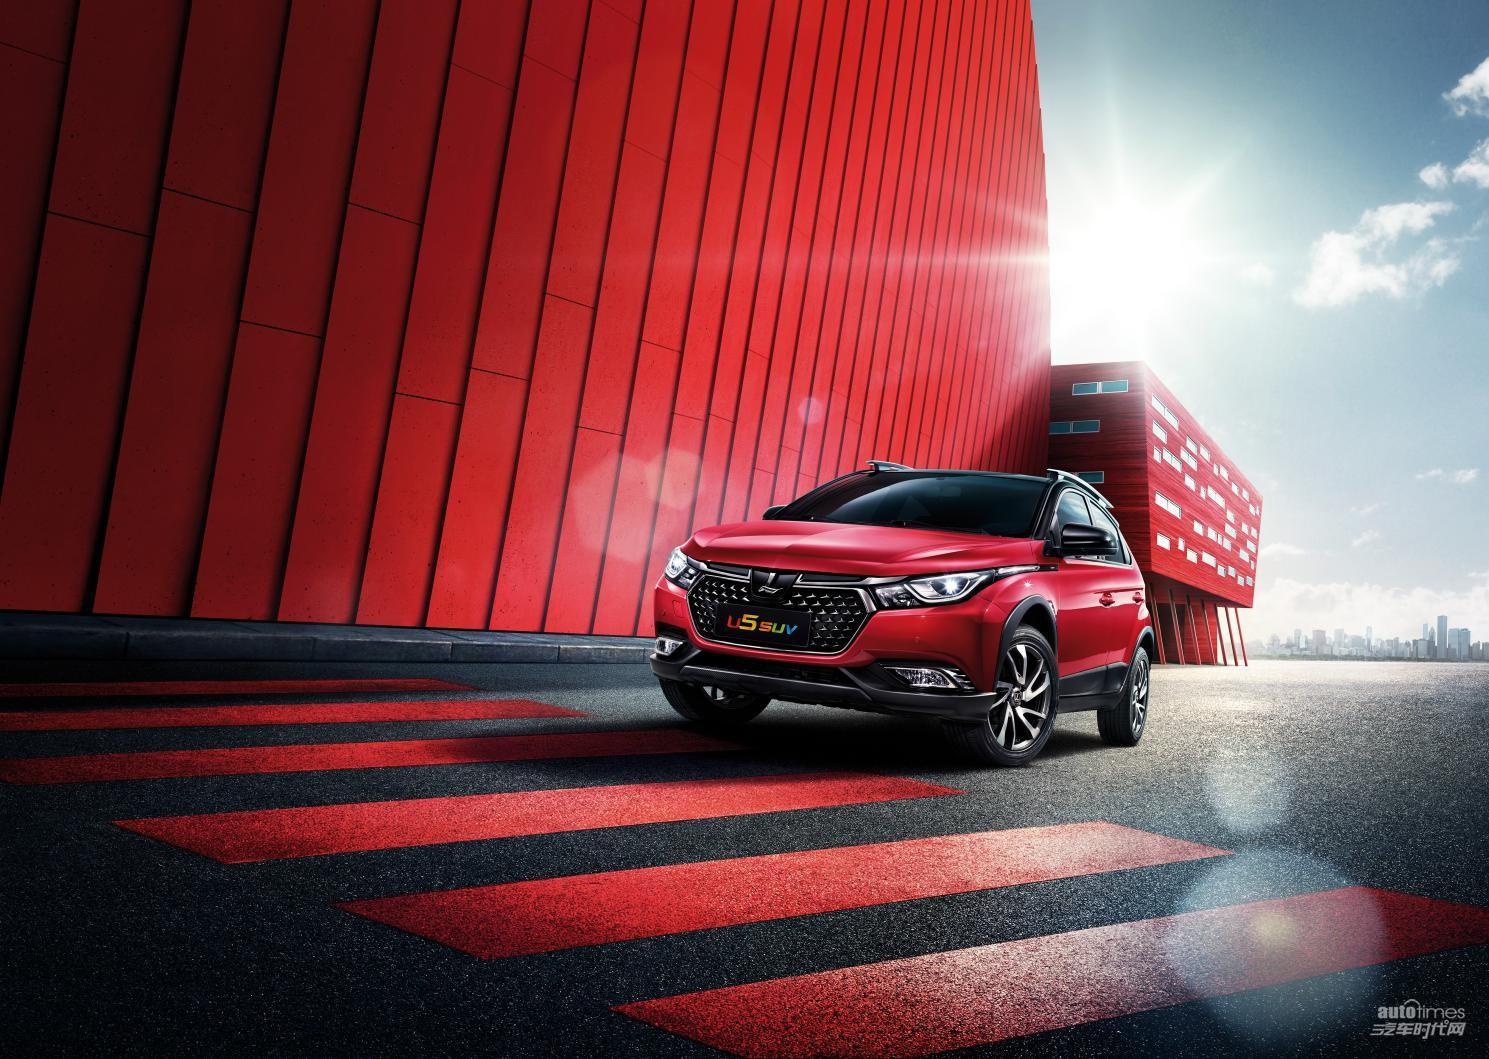 纳智捷U5 SUV全能表现 树立十万元高配置典范